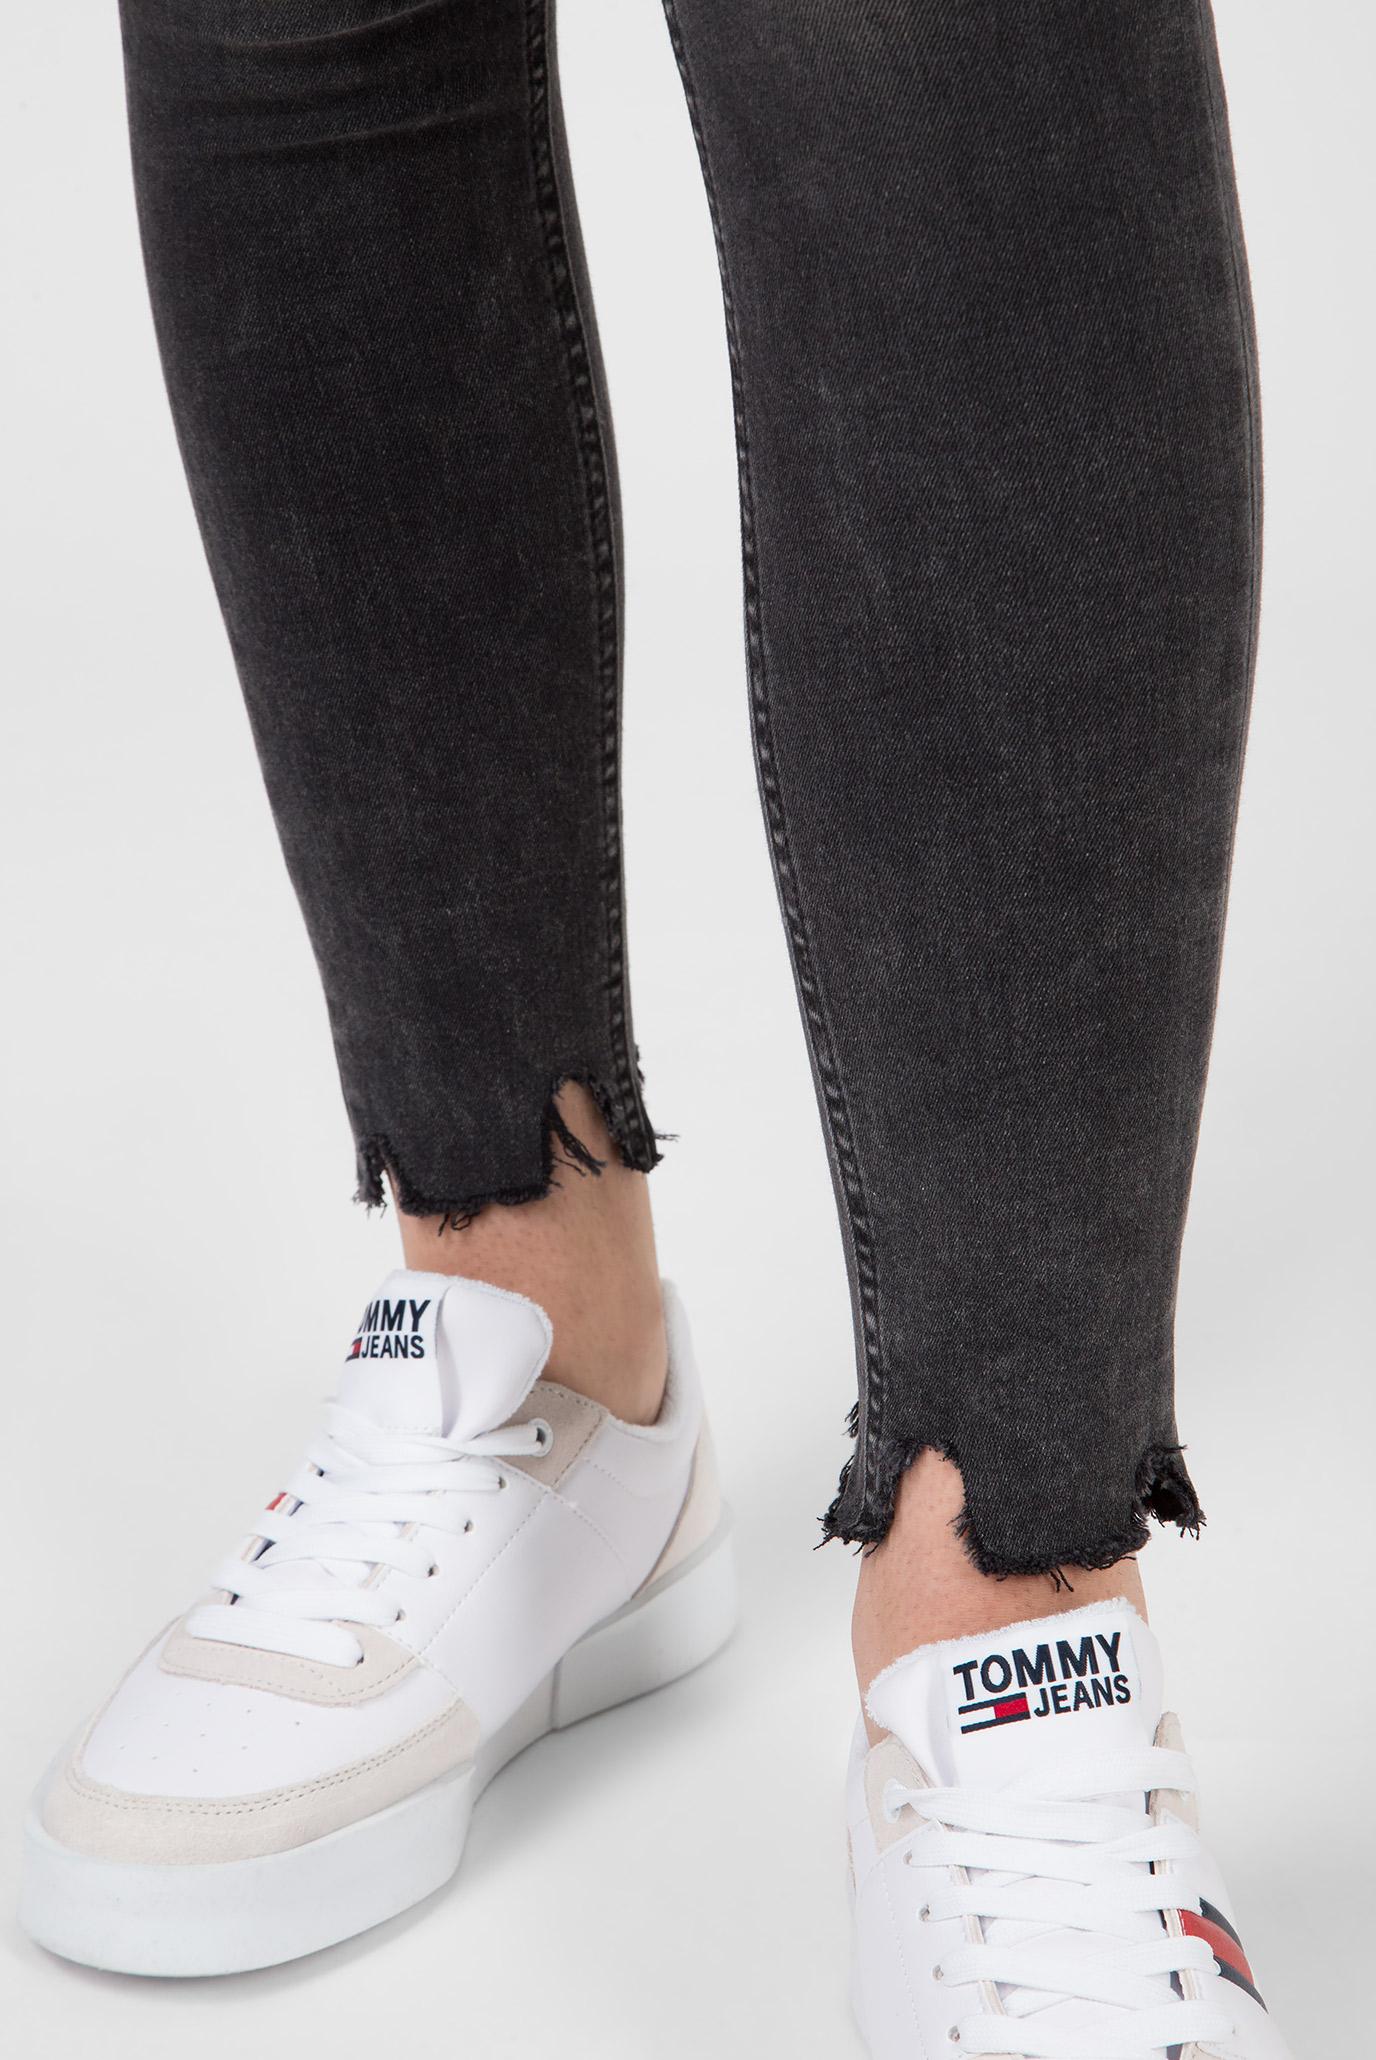 Купить Женские черные джинсы MID RISE SKINNY NORA 7/8 Tommy Hilfiger Tommy Hilfiger DW0DW05646 – Киев, Украина. Цены в интернет магазине MD Fashion